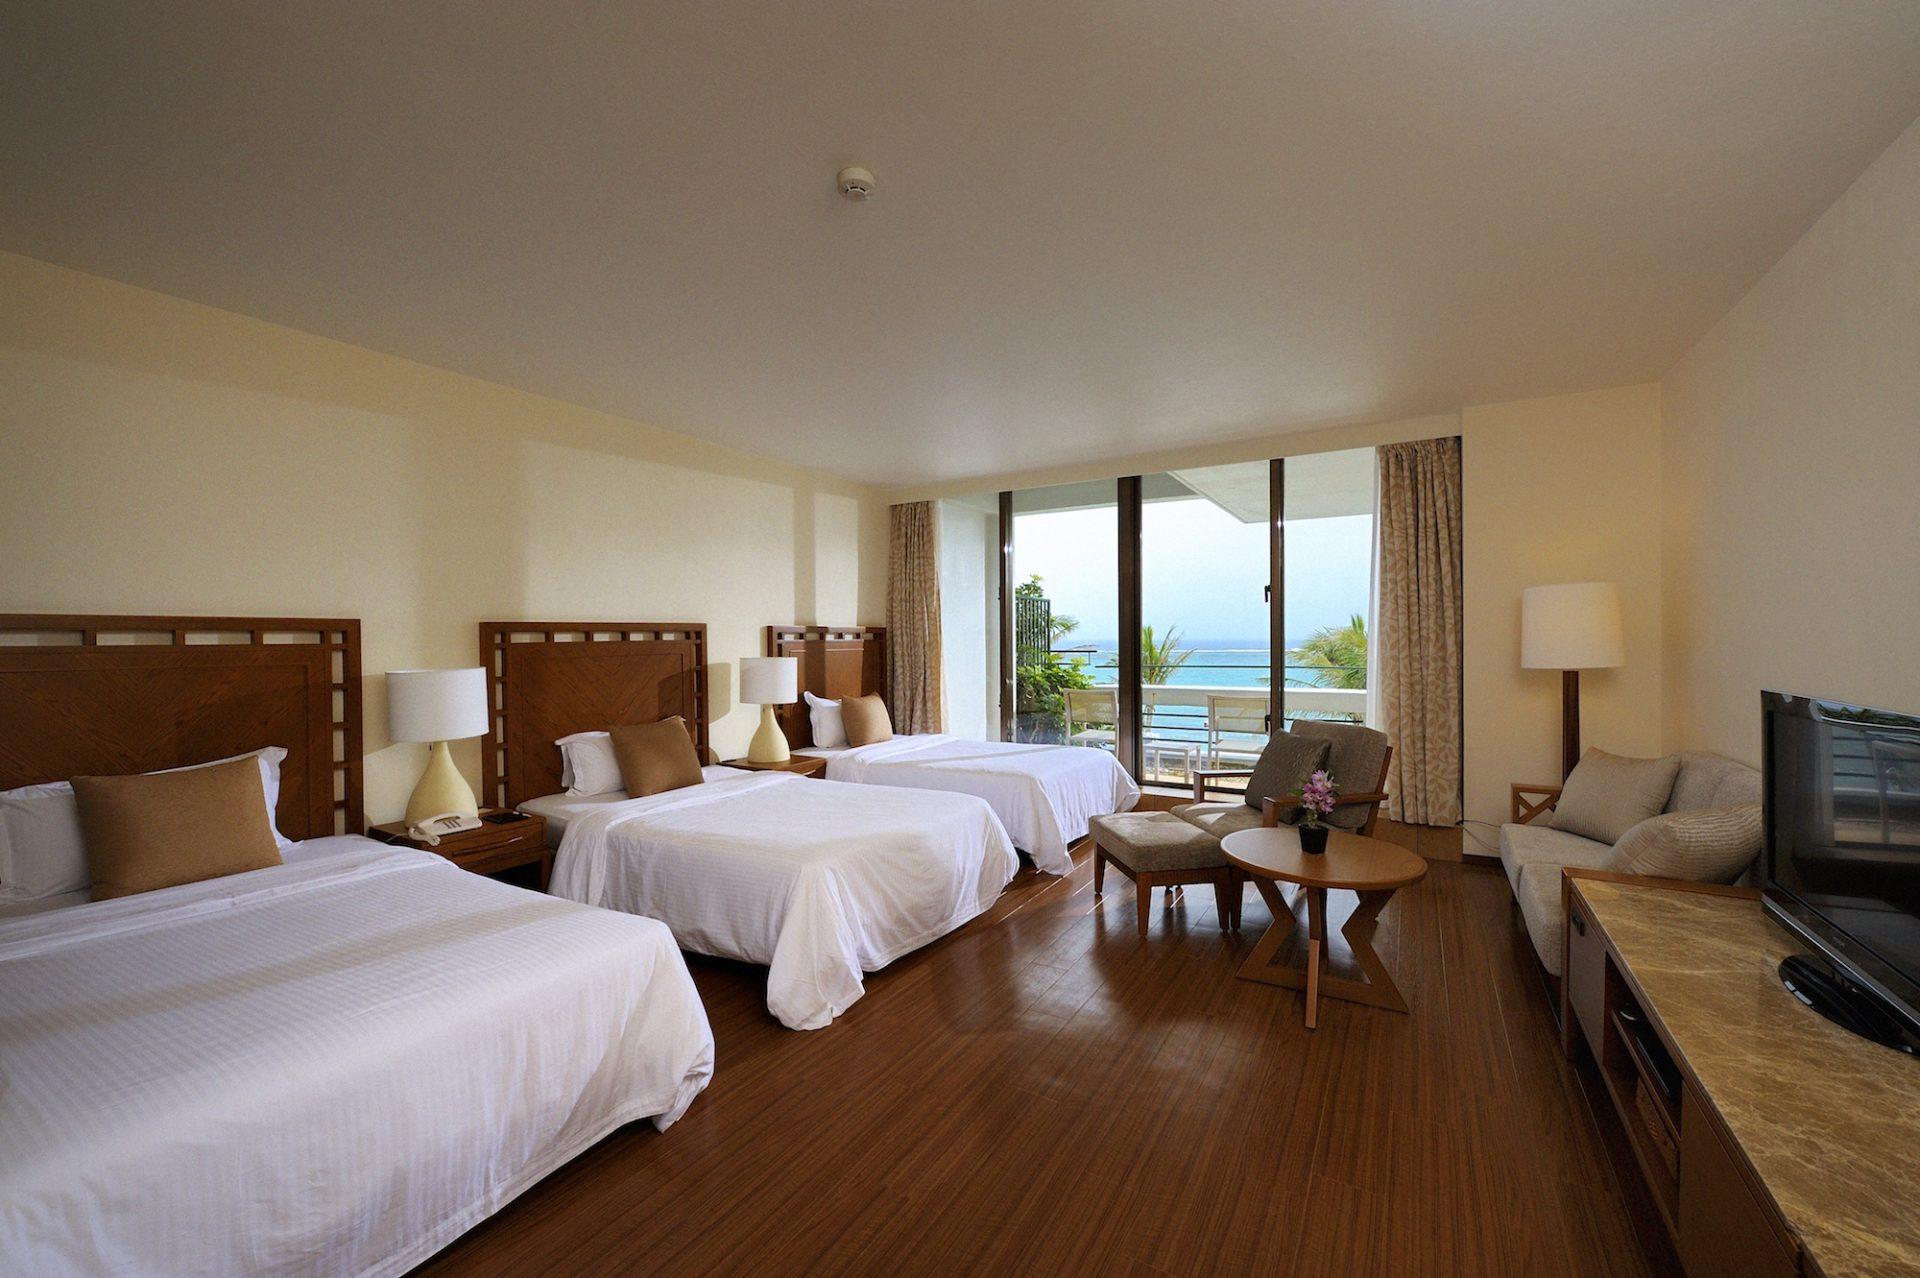 客室 ホテル ムーンビーチ 恩納村  おすすめ 西海岸 沖縄 旅行 観光